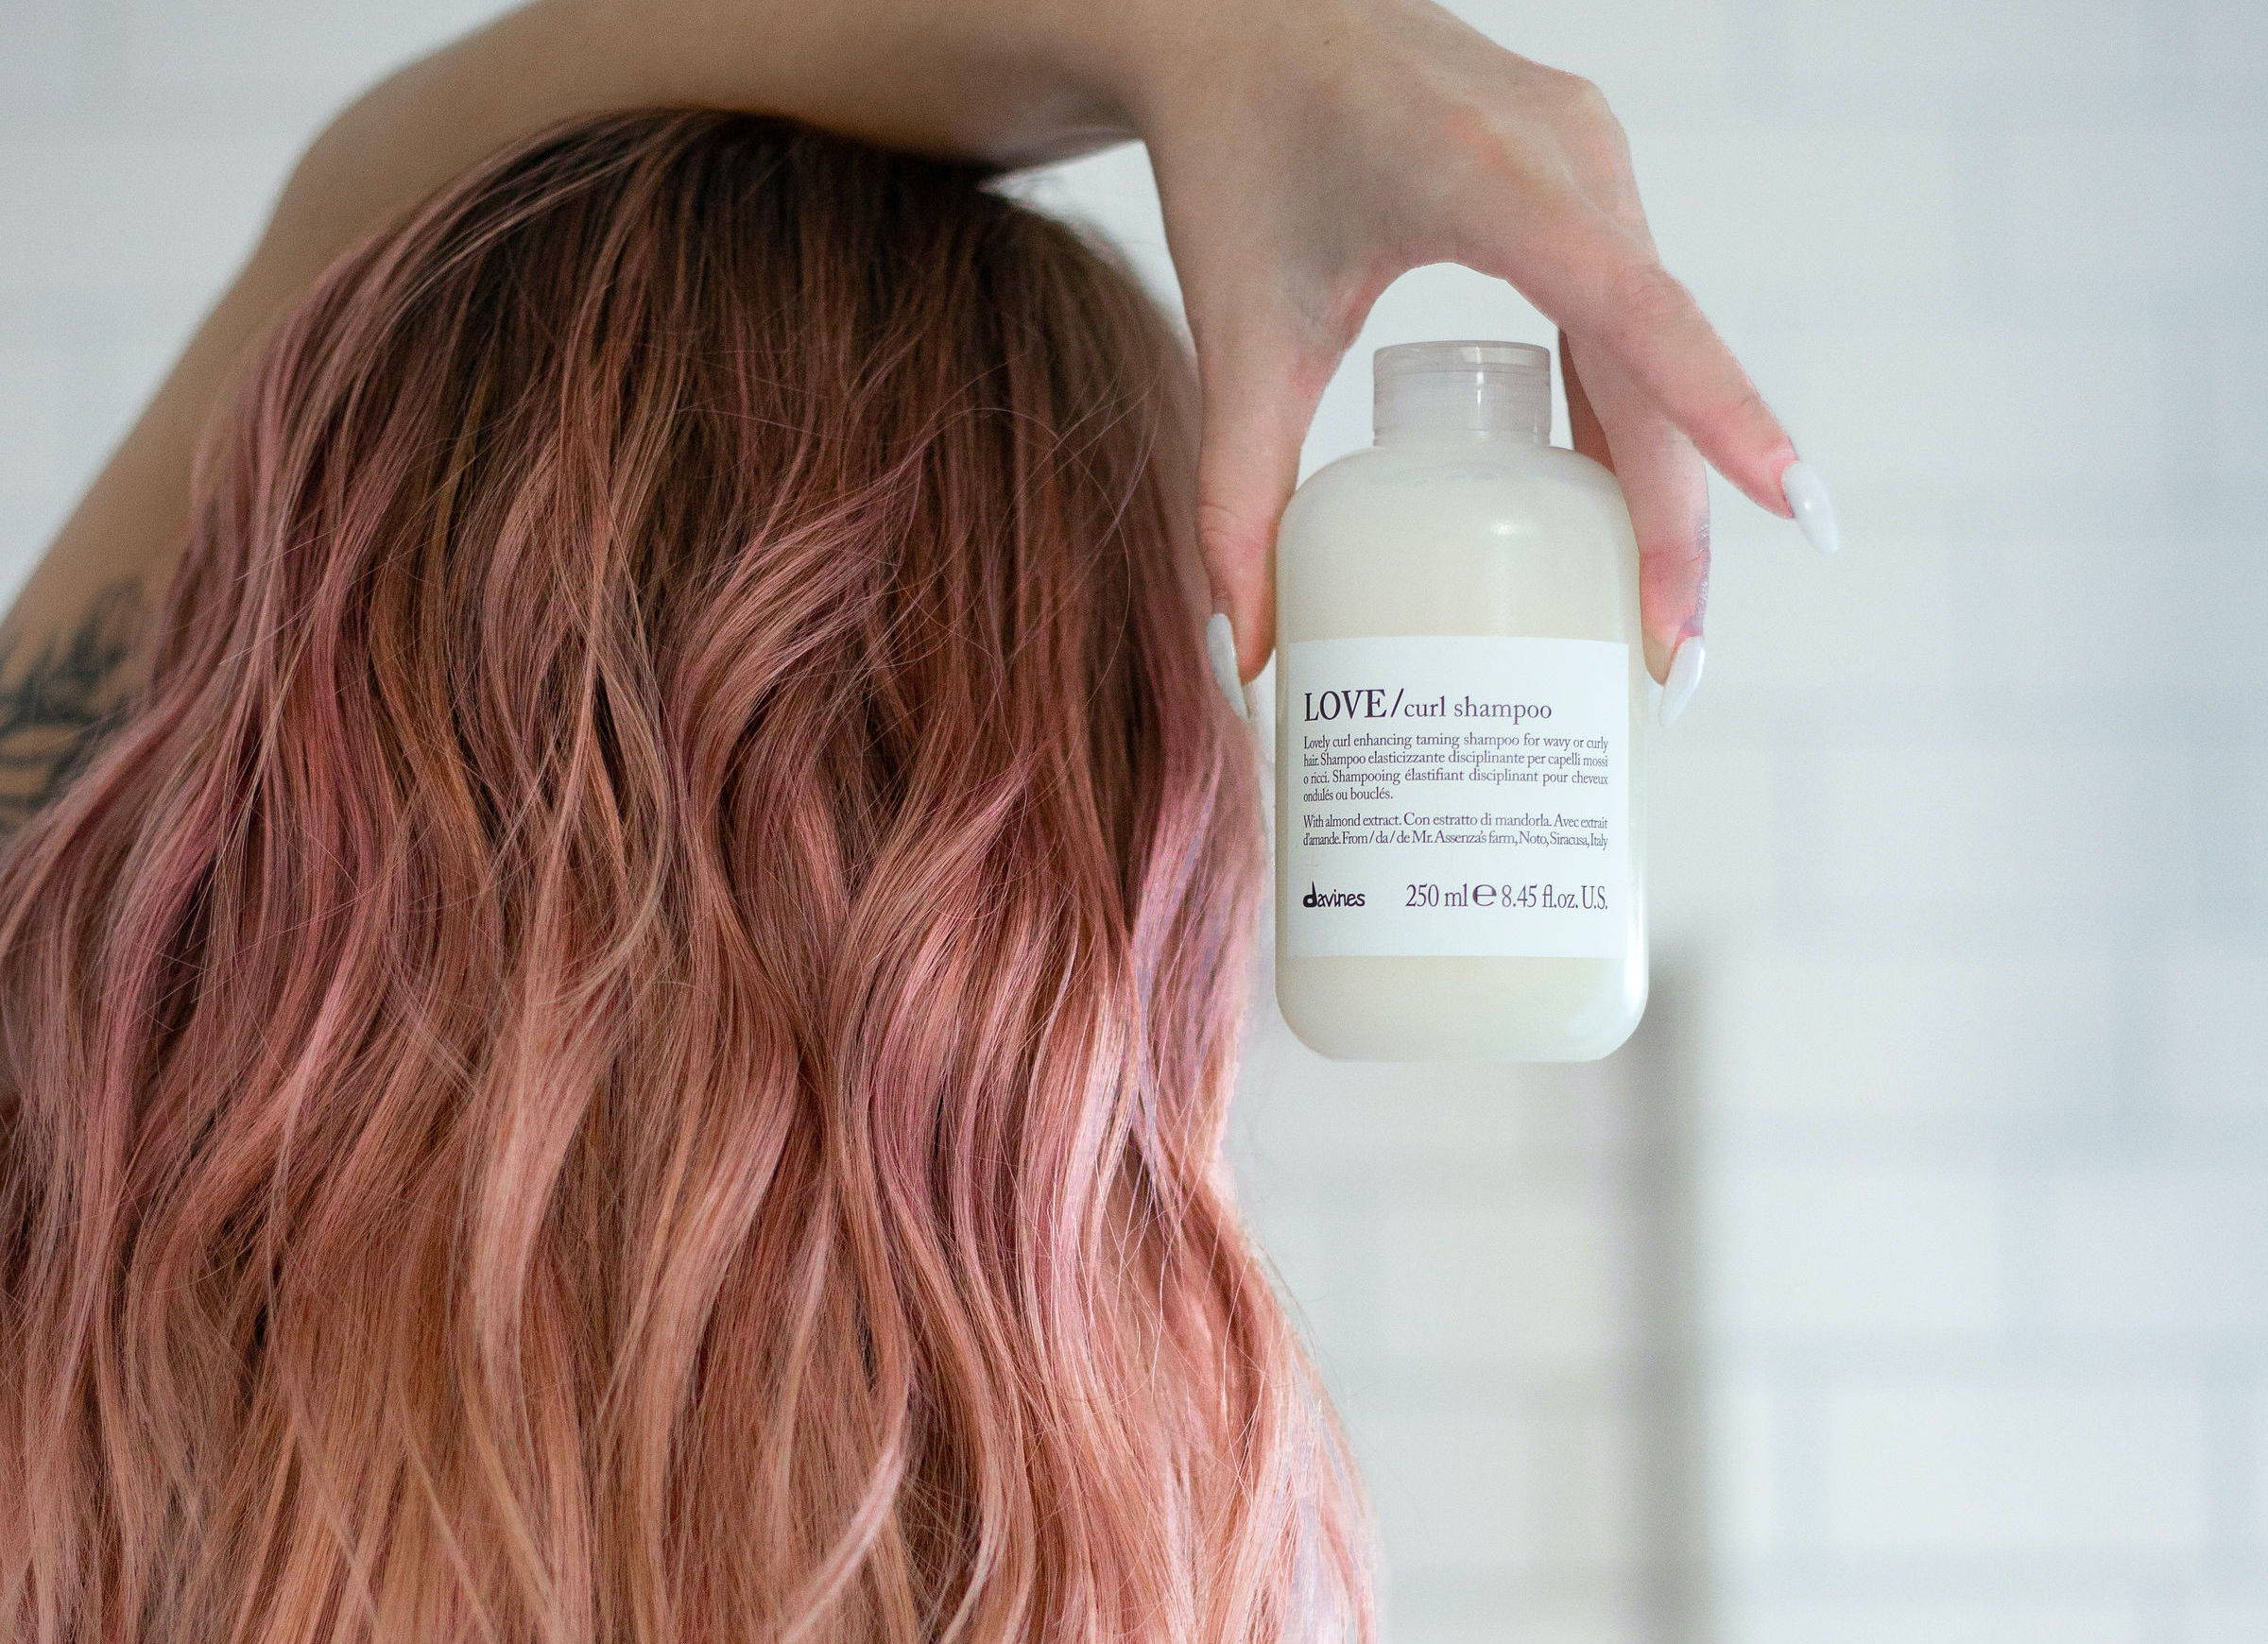 Bubblegum pink hair Davines